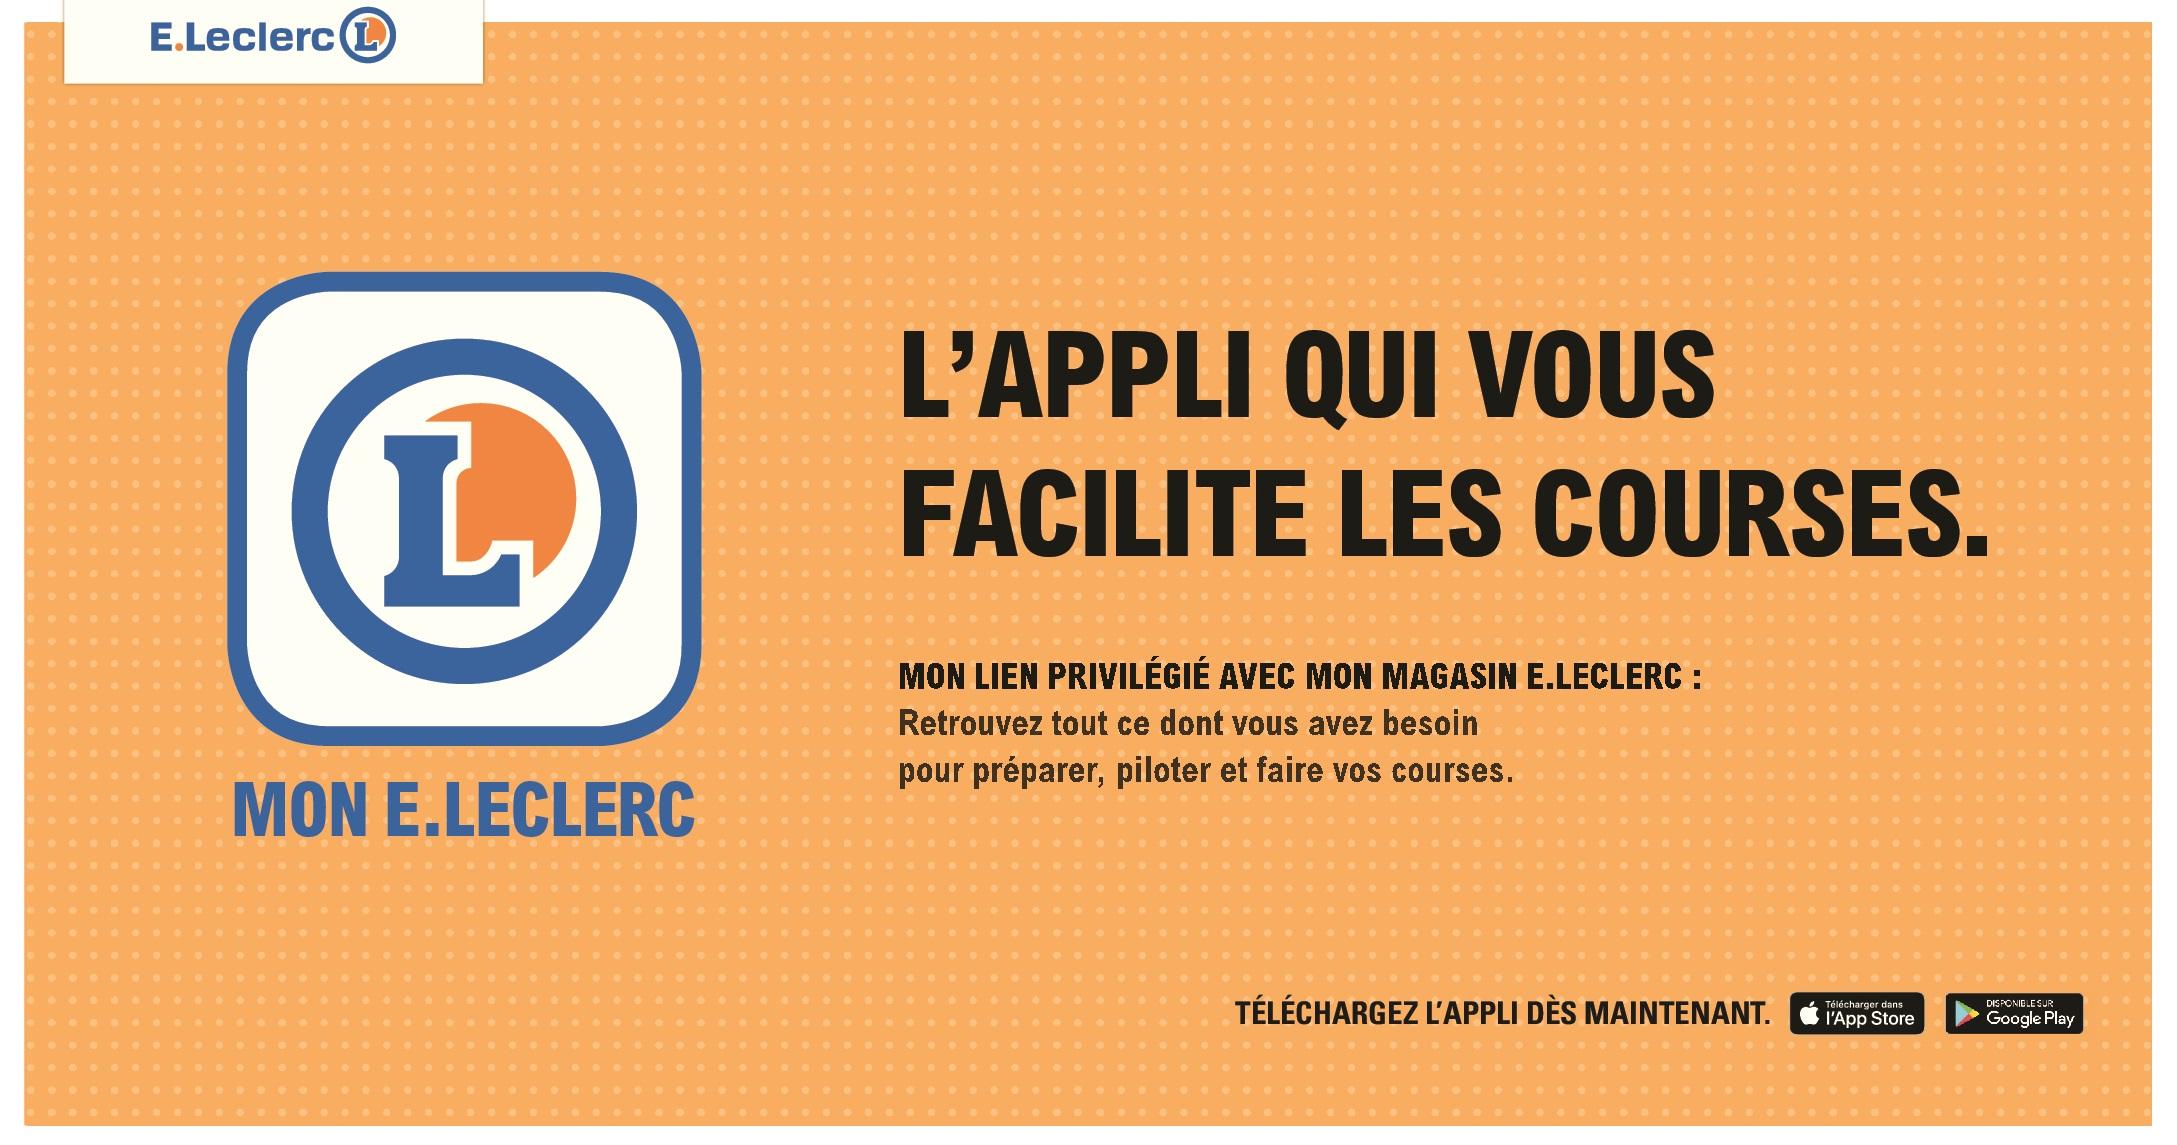 E.leclerc Luneville - Hypermarchés E.leclerc avec Table De Jardin Magasin Leclerc